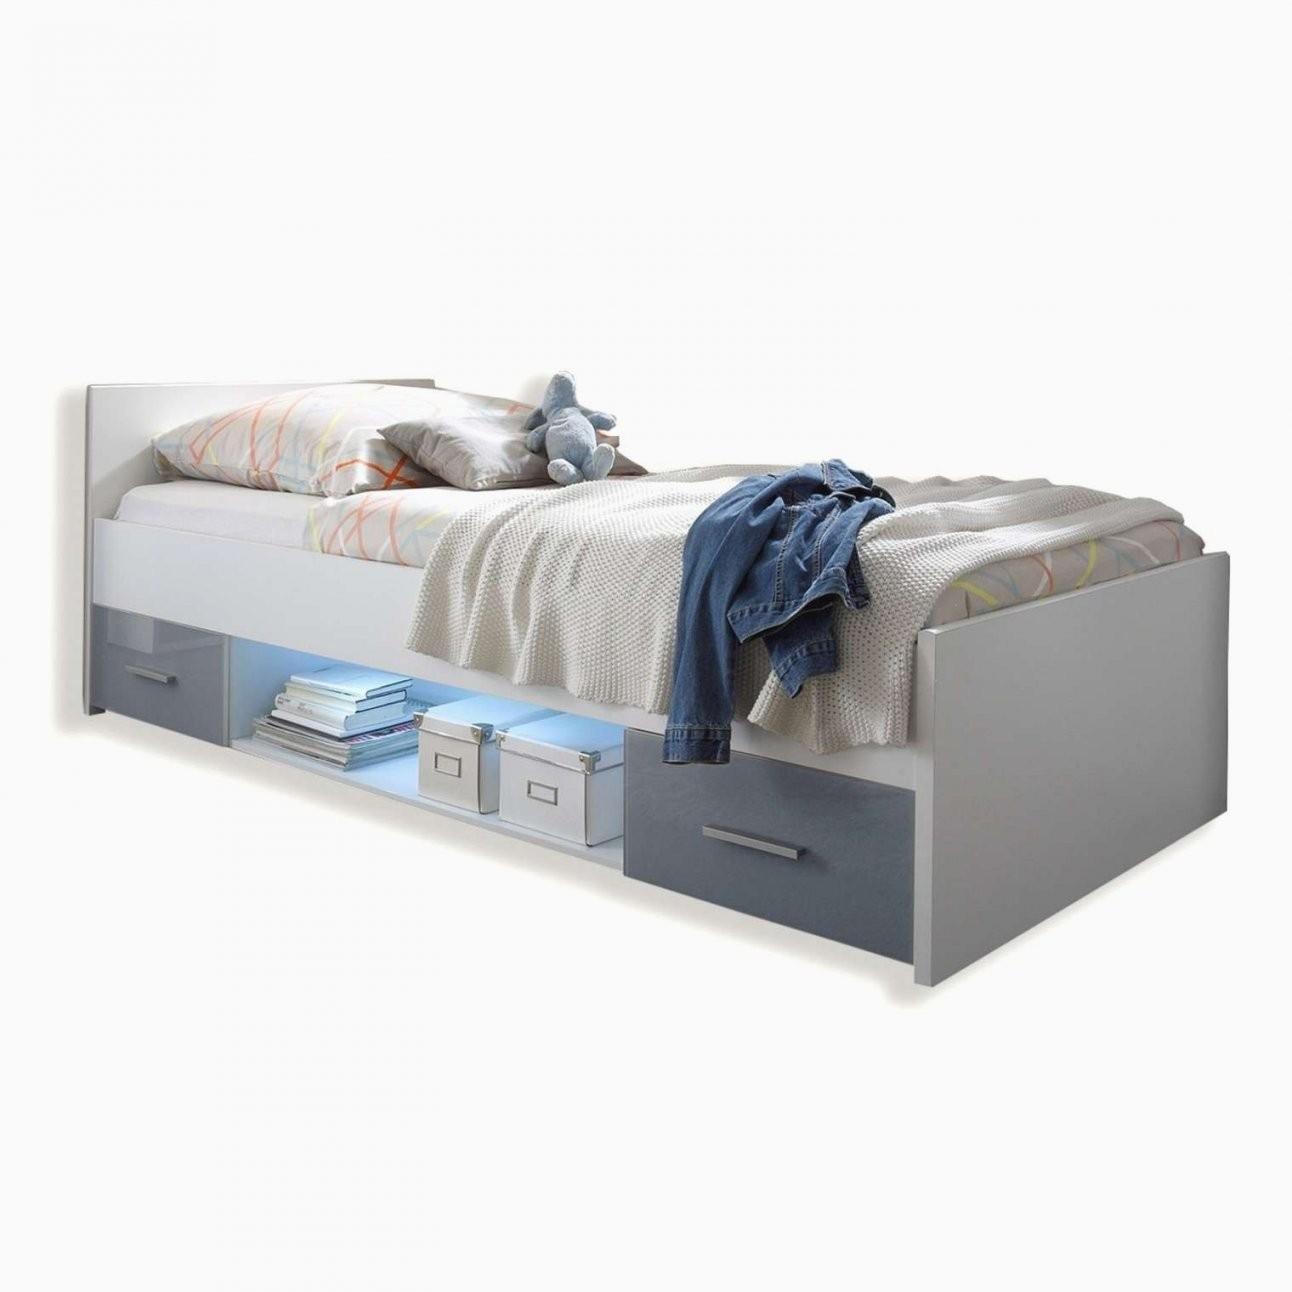 Polsterbett 90X200 Mit Bettkasten Frisch Funktionsbett 90—200 von Polsterbett 90X200 Mit Bettkasten Bild